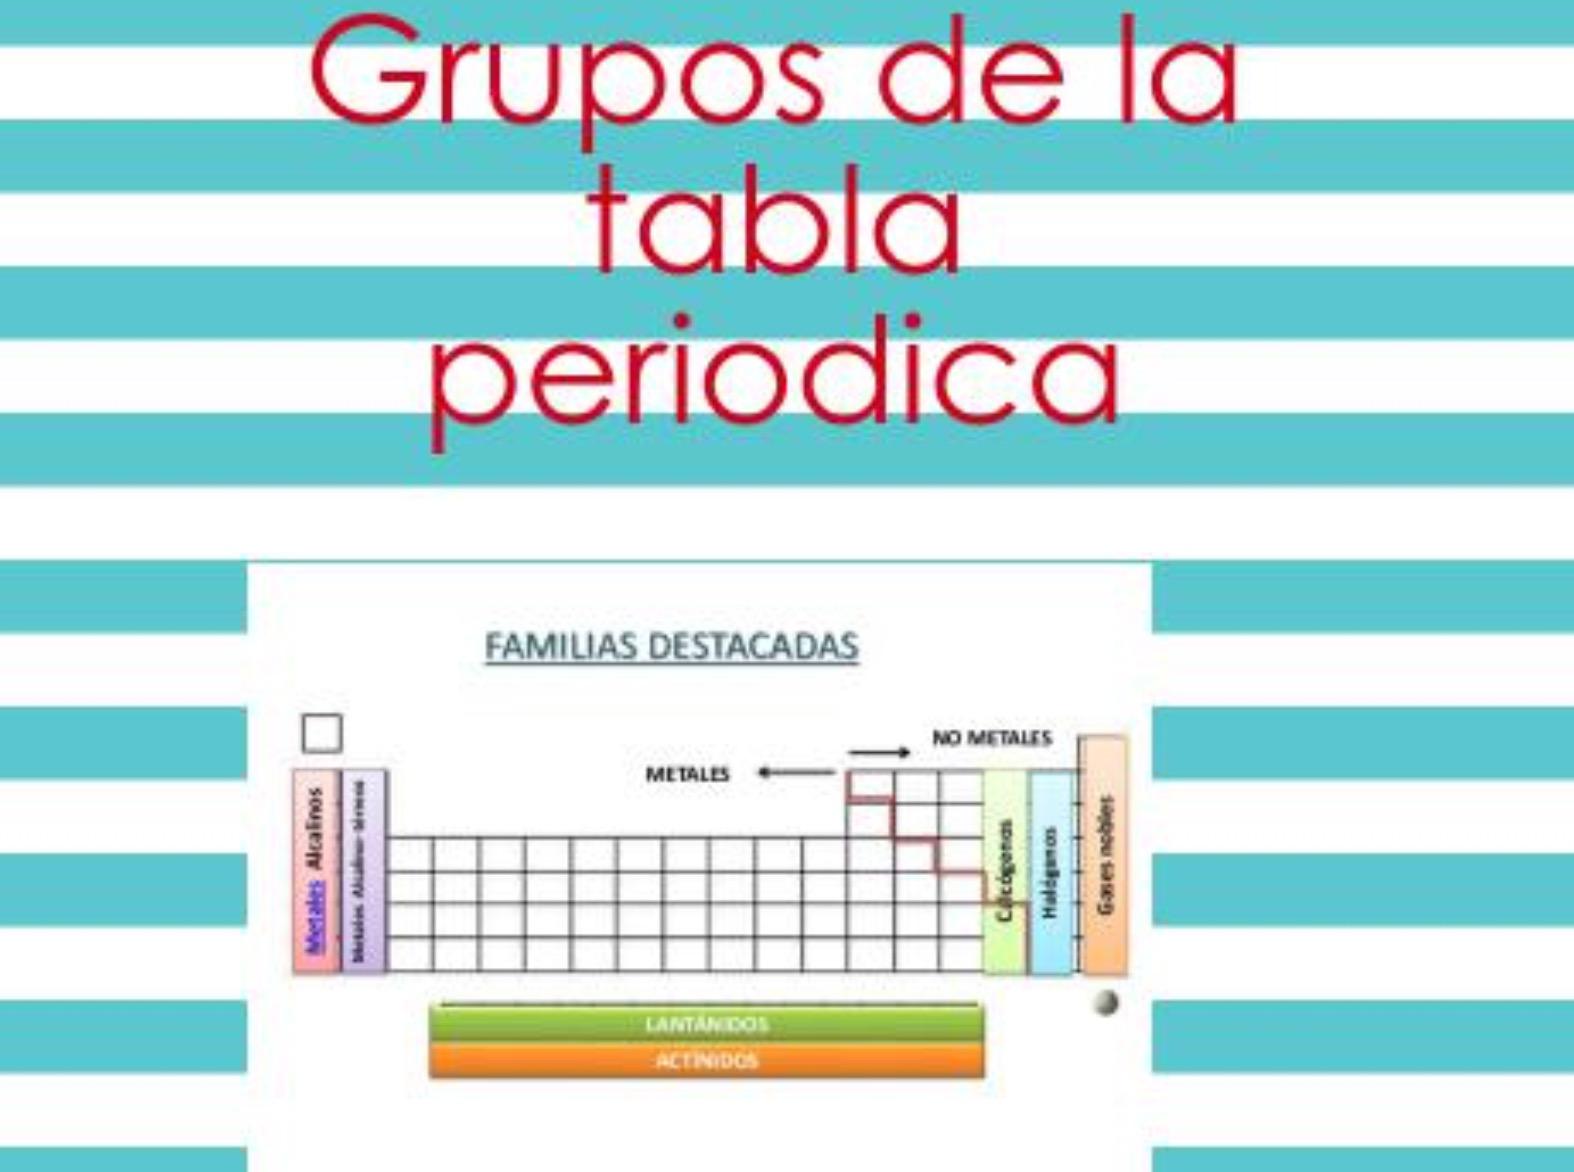 Ruloedlp grupos de la tabla periodica grupos de la tabla periodica urtaz Image collections